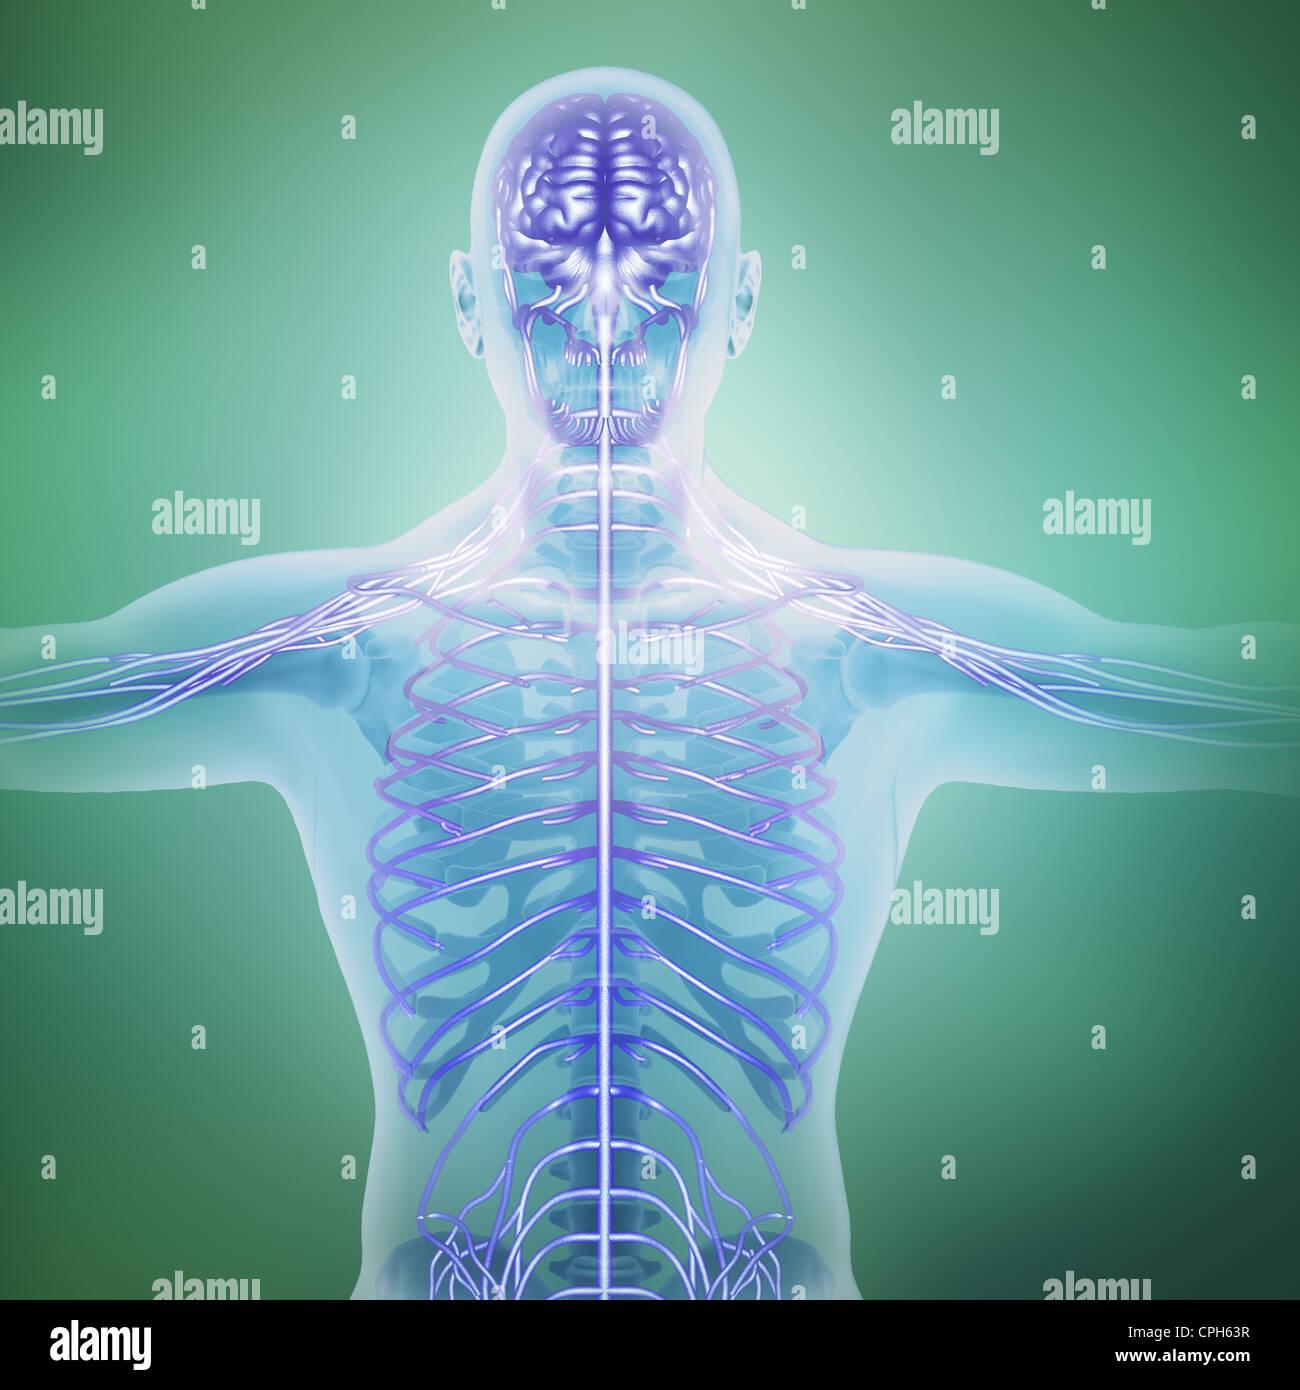 Anatomia umana illustrazione - il sistema nervoso centrale Immagini Stock